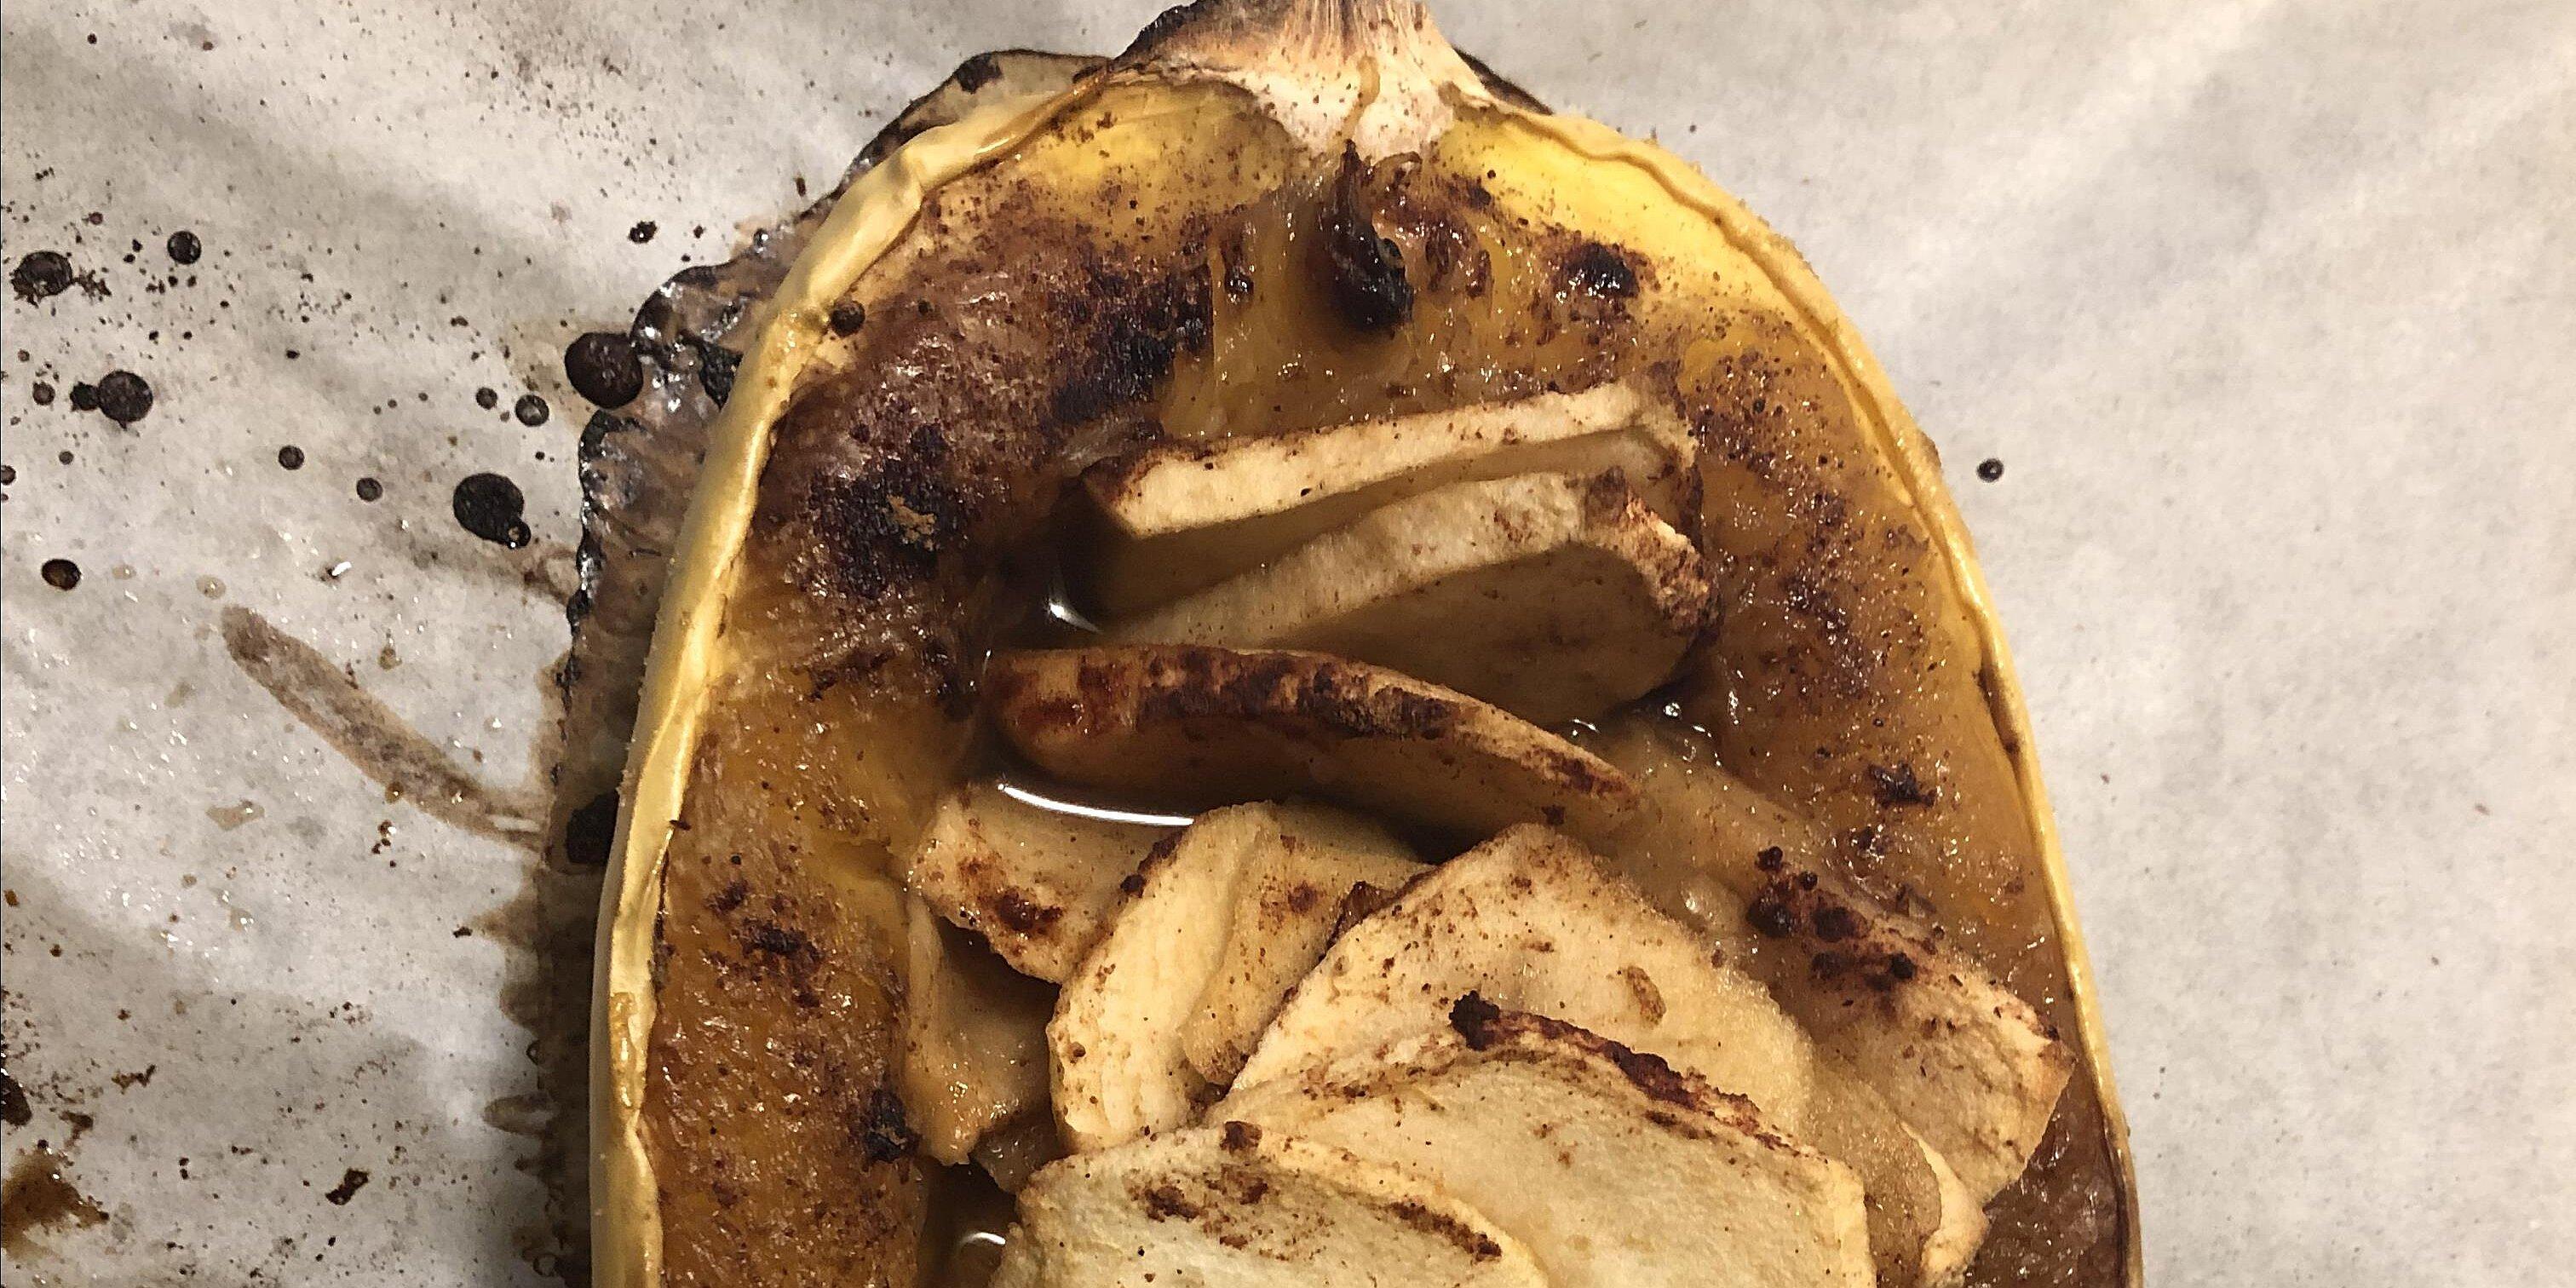 apple and cinnamon spaghetti squash recipe